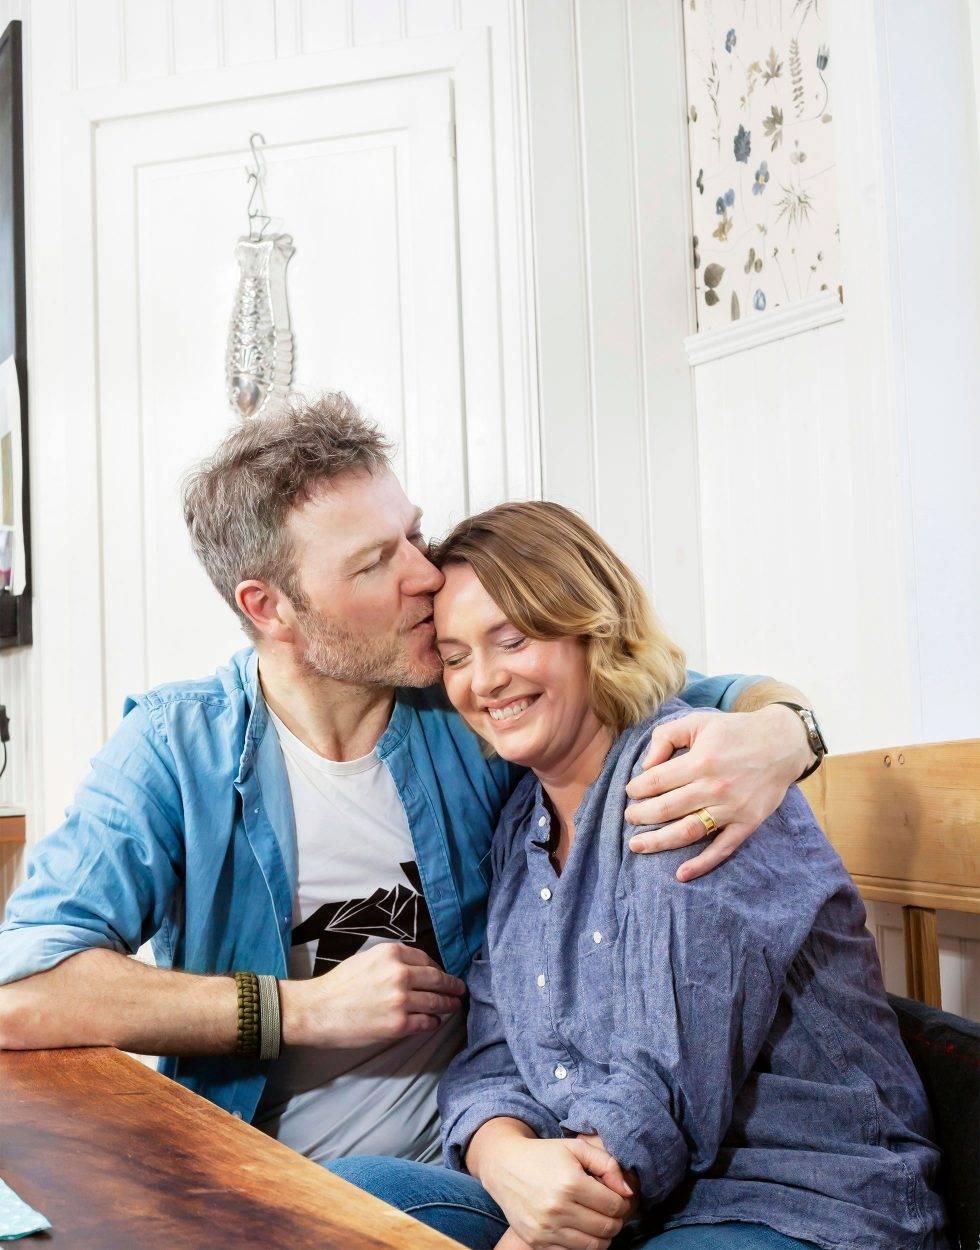 En man i 45-årsåldern håller om sin fru och kysser henne på pannan.